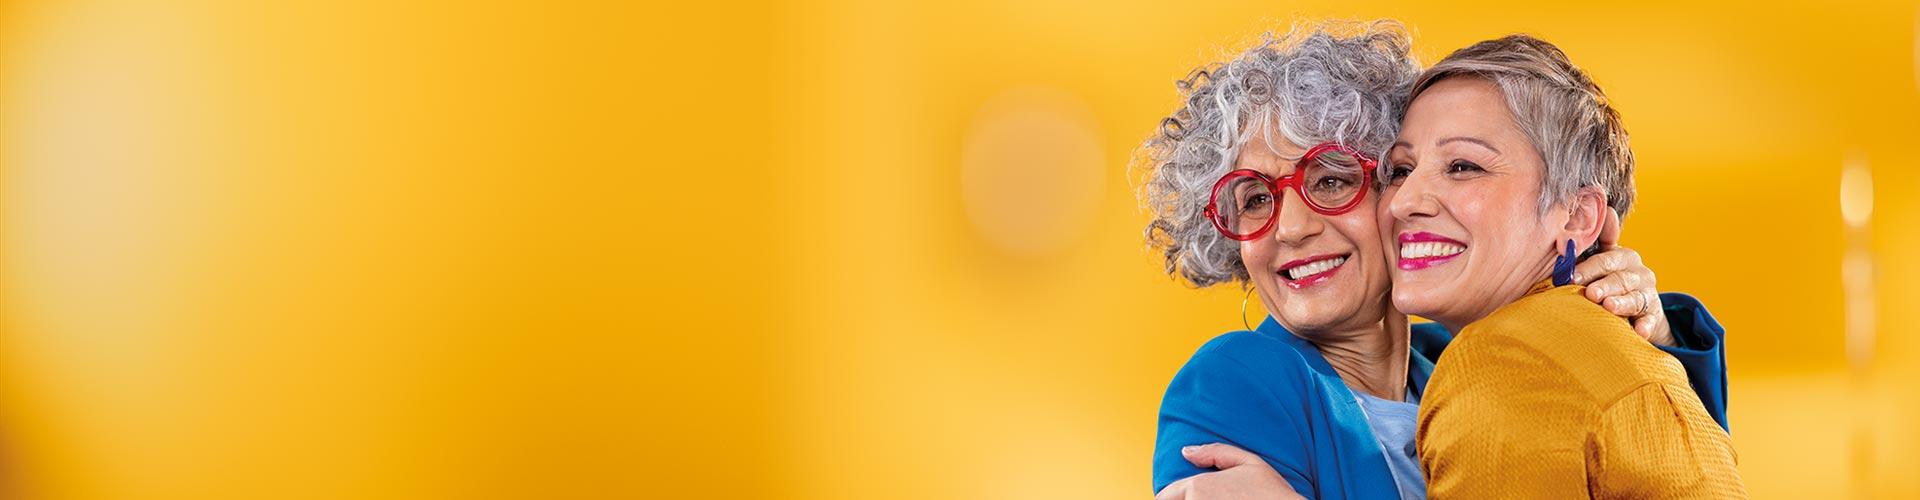 Twee vrouwen van middelbare leeftijd omhelzen elkaar. Eén van hen draagt Philips HearLink in-het-oor bijna onzichtbare hoortoestellen.